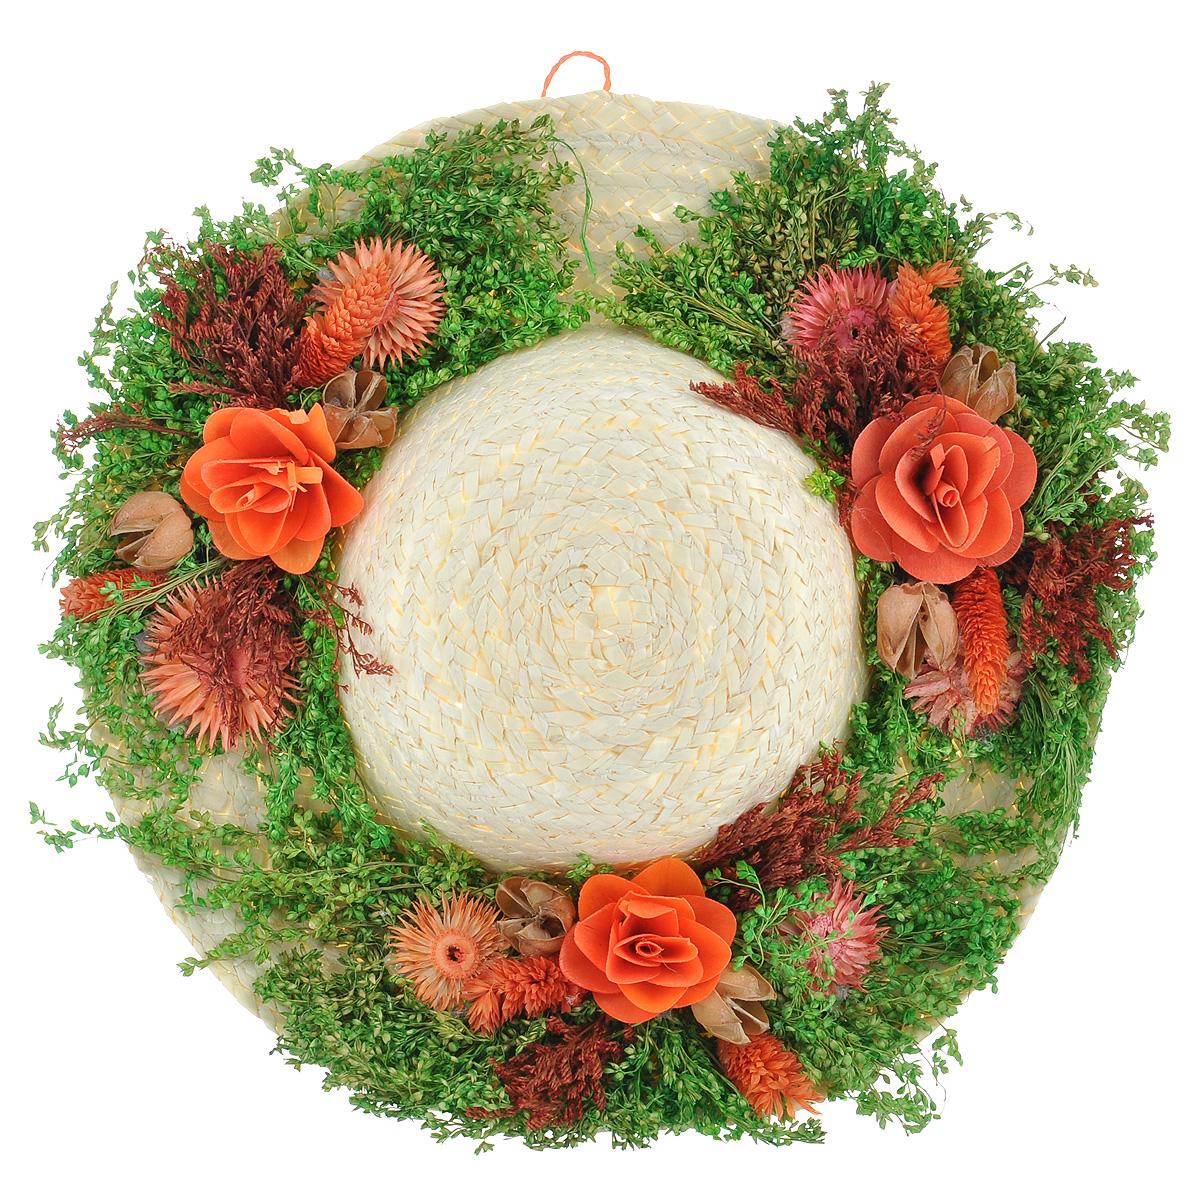 Декоративное настенное украшение Lillo Шляпа с цветами, цвет: светло-бежевый, зеленый, оранжевыйED602Декоративное подвесное украшение Lillo Шляпа выполнено из натуральной соломы и украшено сухоцветами. Такая шляпа станет изящным элементом декора в вашем доме. С задней стороны расположена петелька для подвешивания. Такое украшение не только подчеркнет ваш изысканный вкус, но и прекрасным подарком, который обязательно порадует получателя.Диаметр шляпы: 28 см.